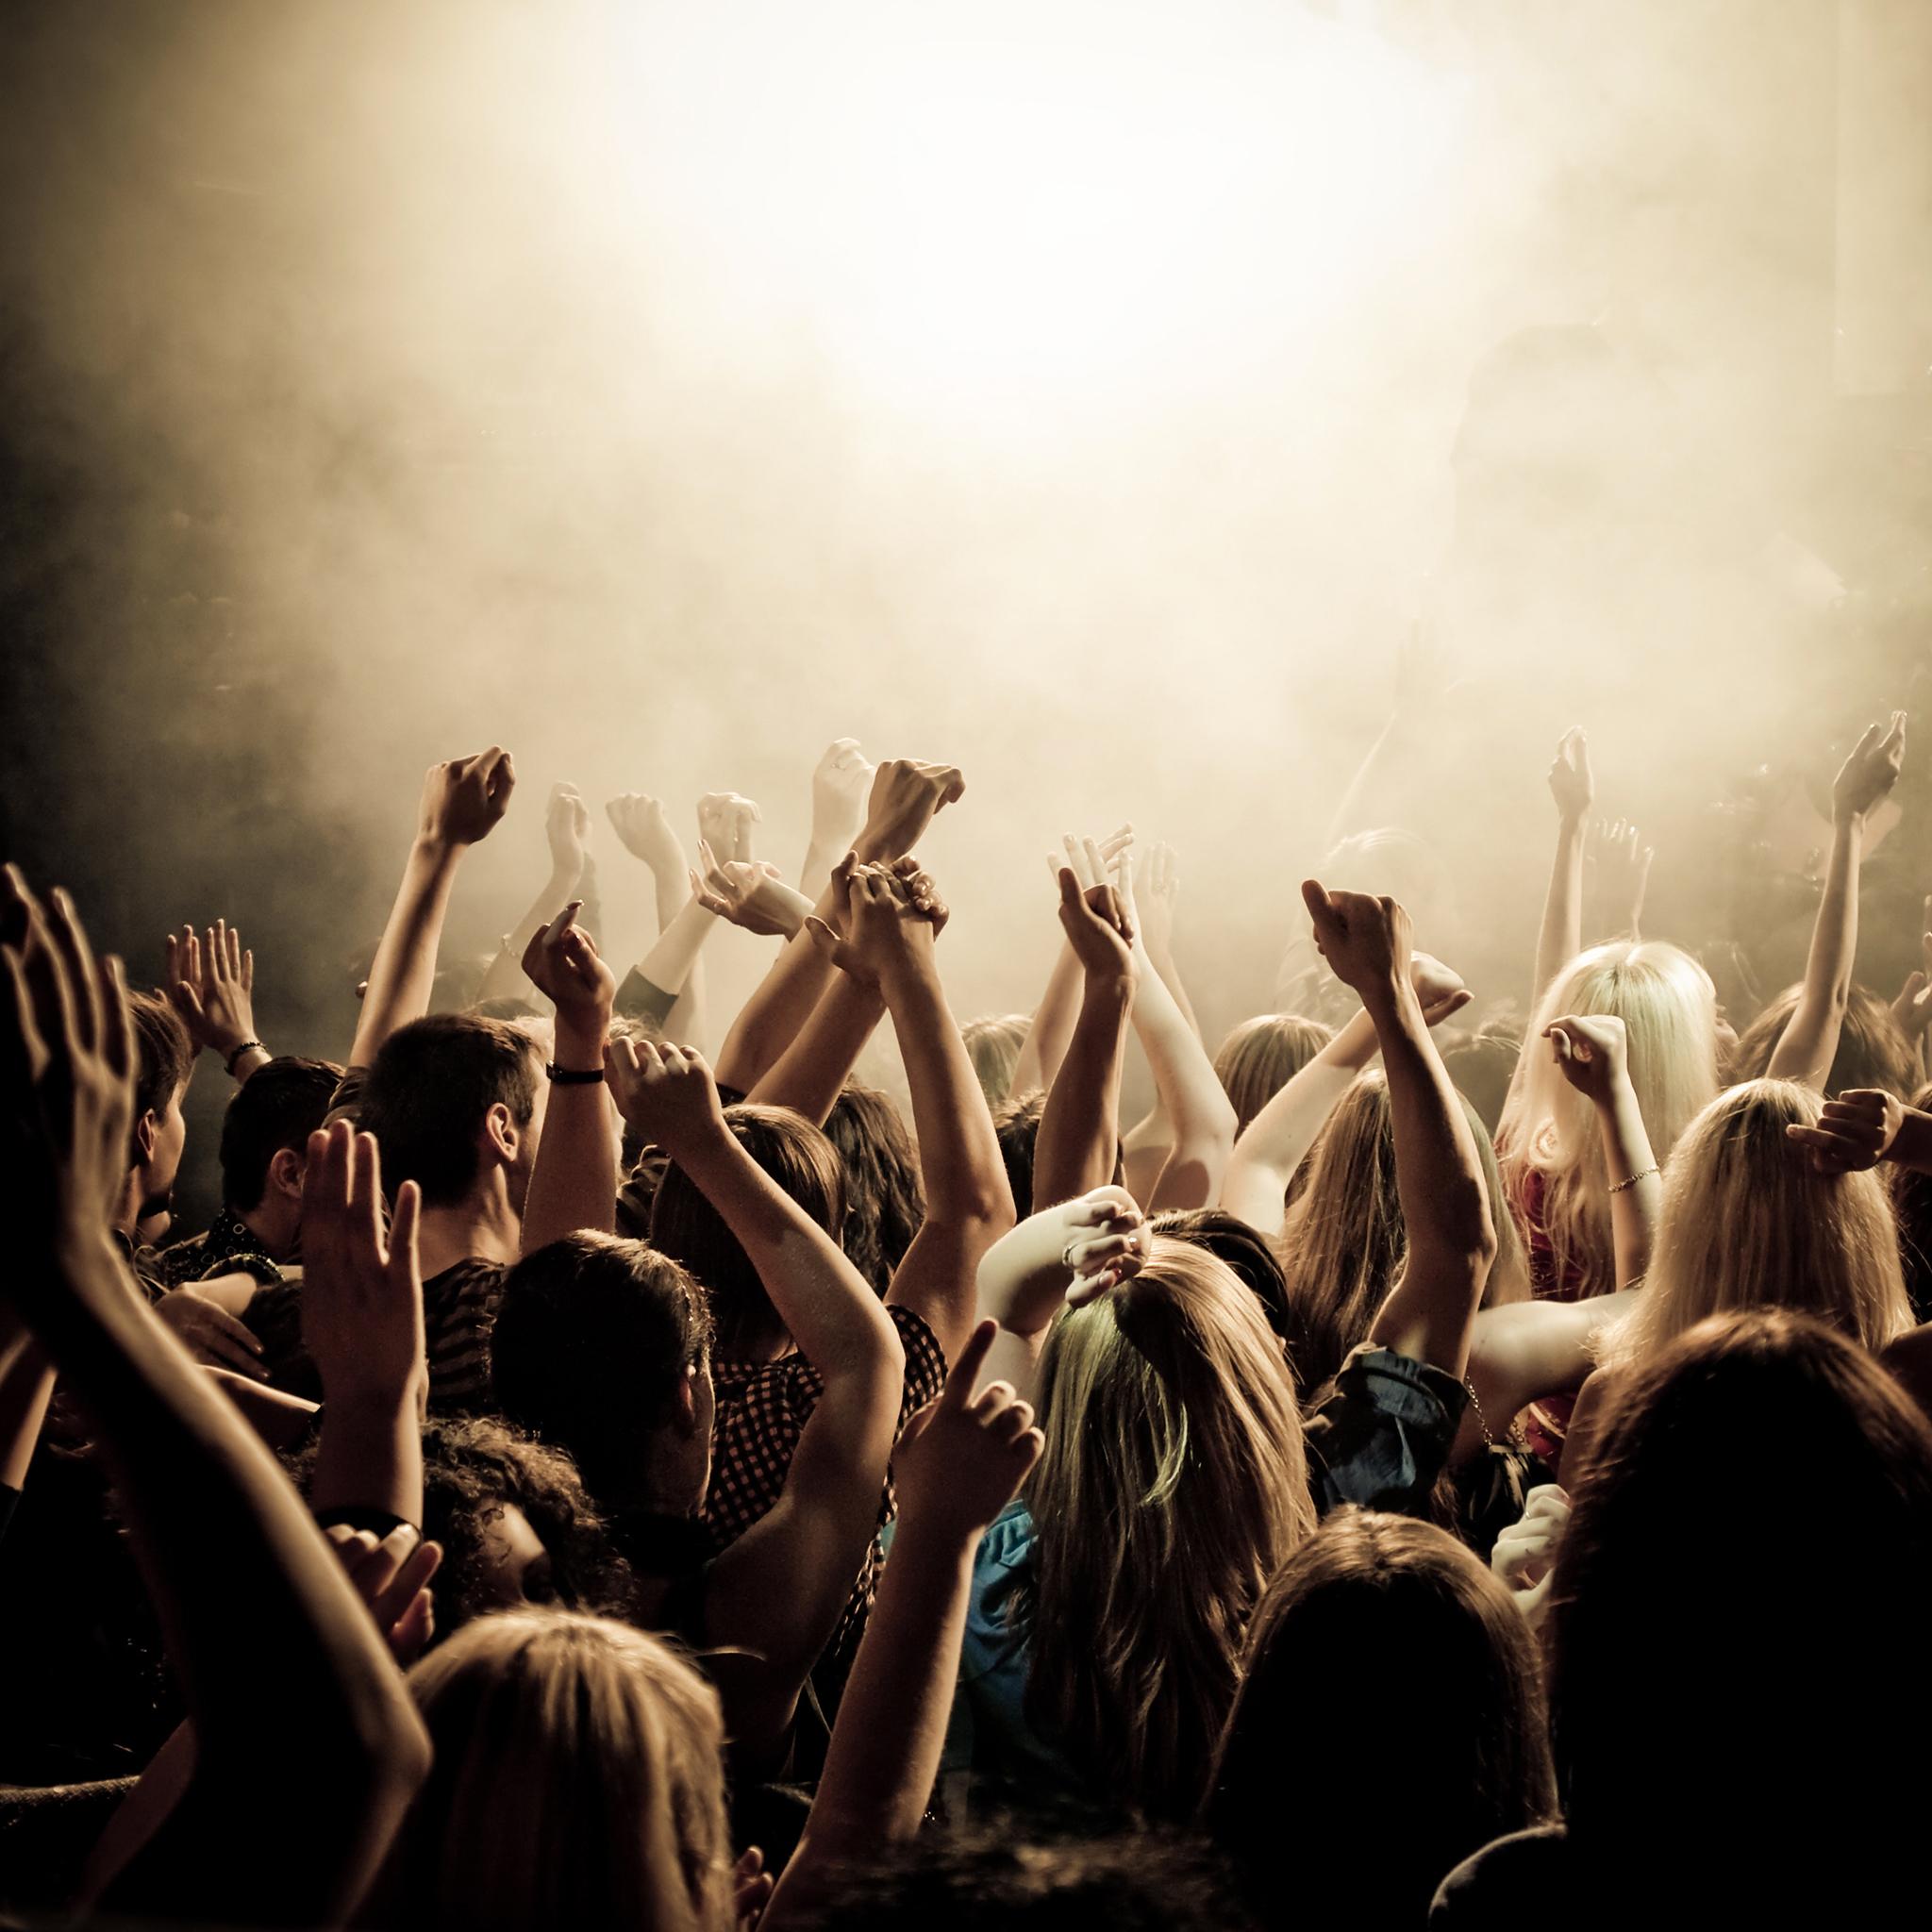 Concert Live 3Wallpapers iPad Retina Concert Live   iPad Retina